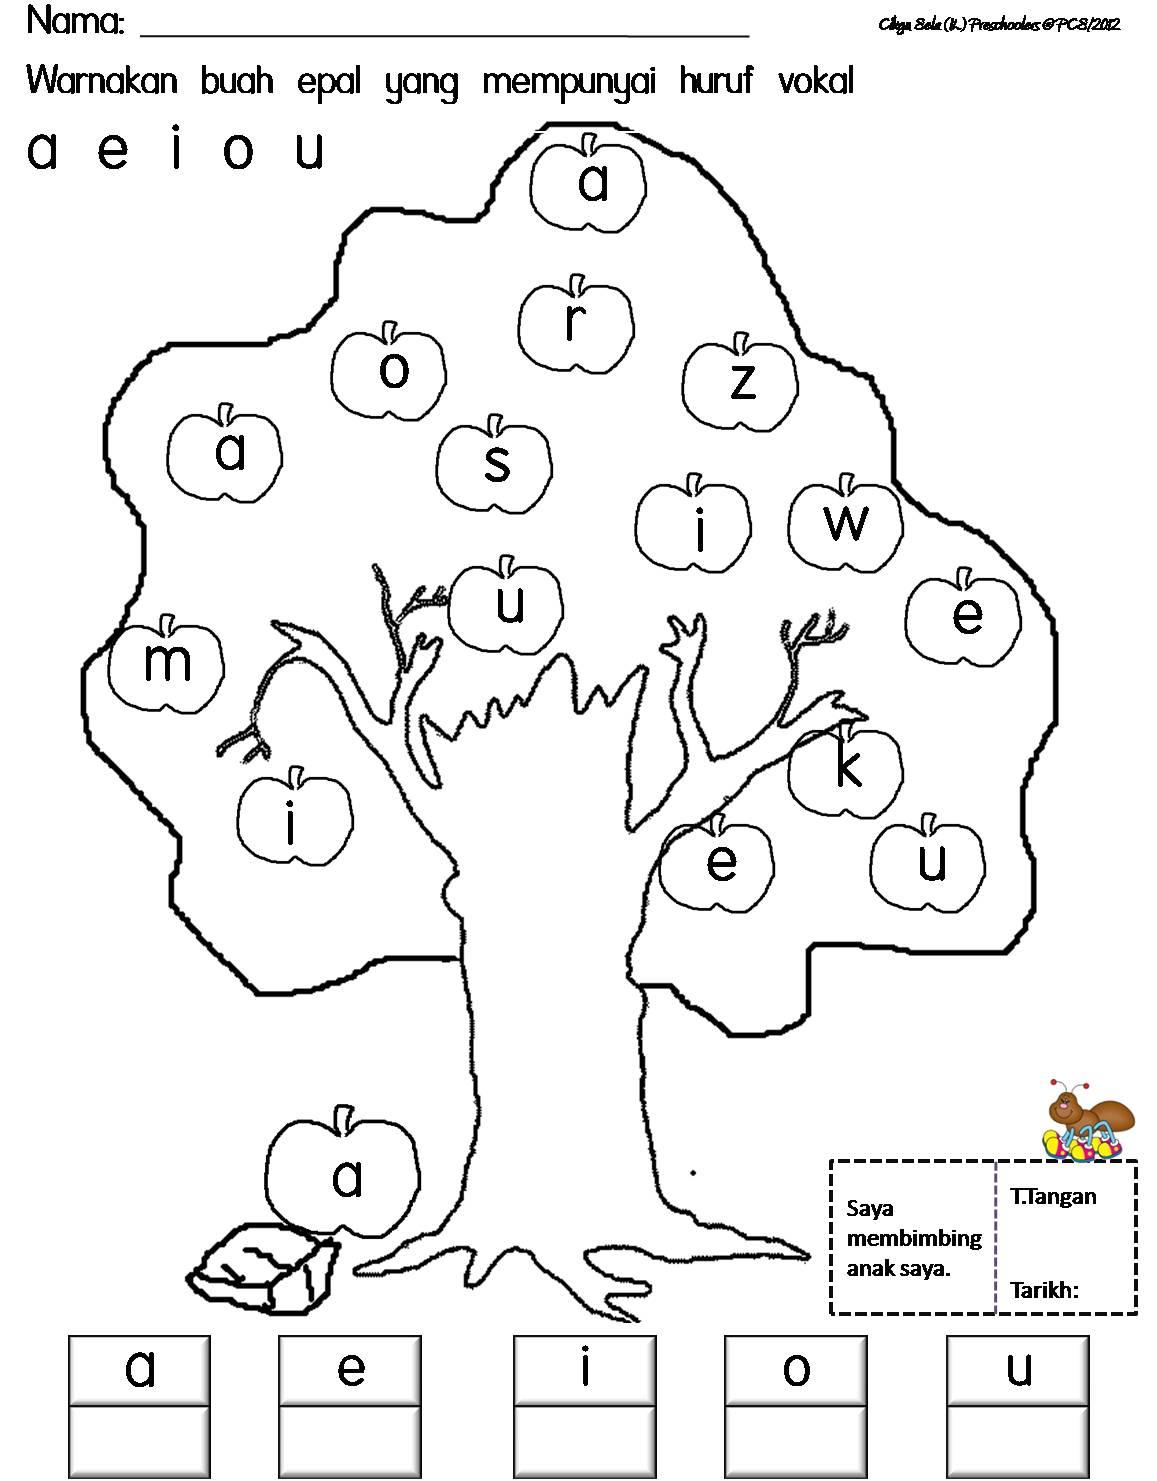 Cikgu Eela Il Preschoolers Pce Lembaran Kerja Kenal Huruf